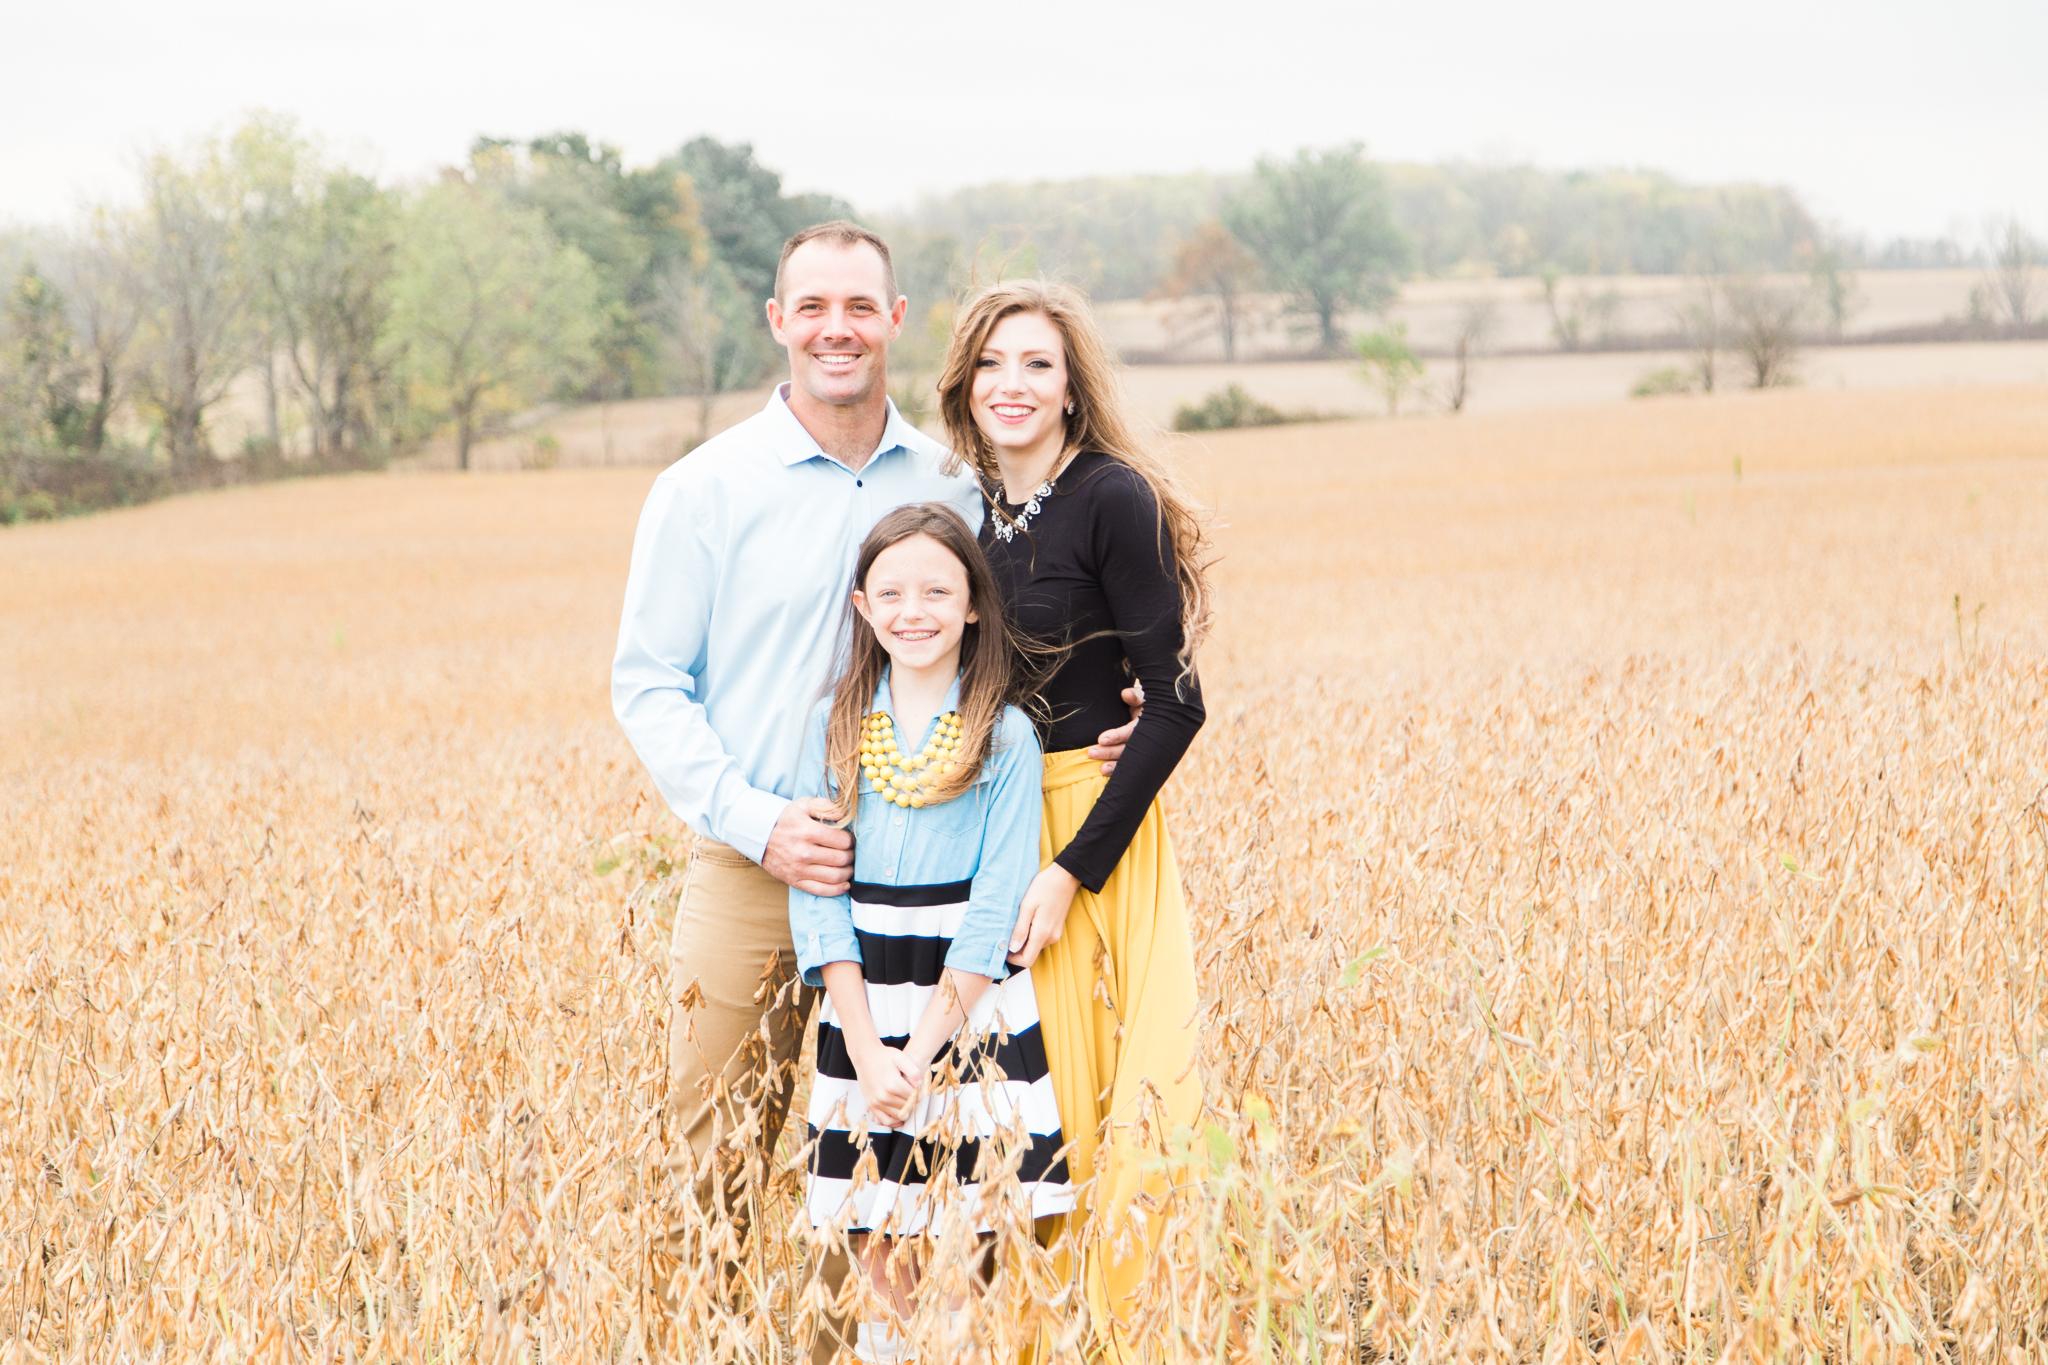 walkerfamily5-16.jpg